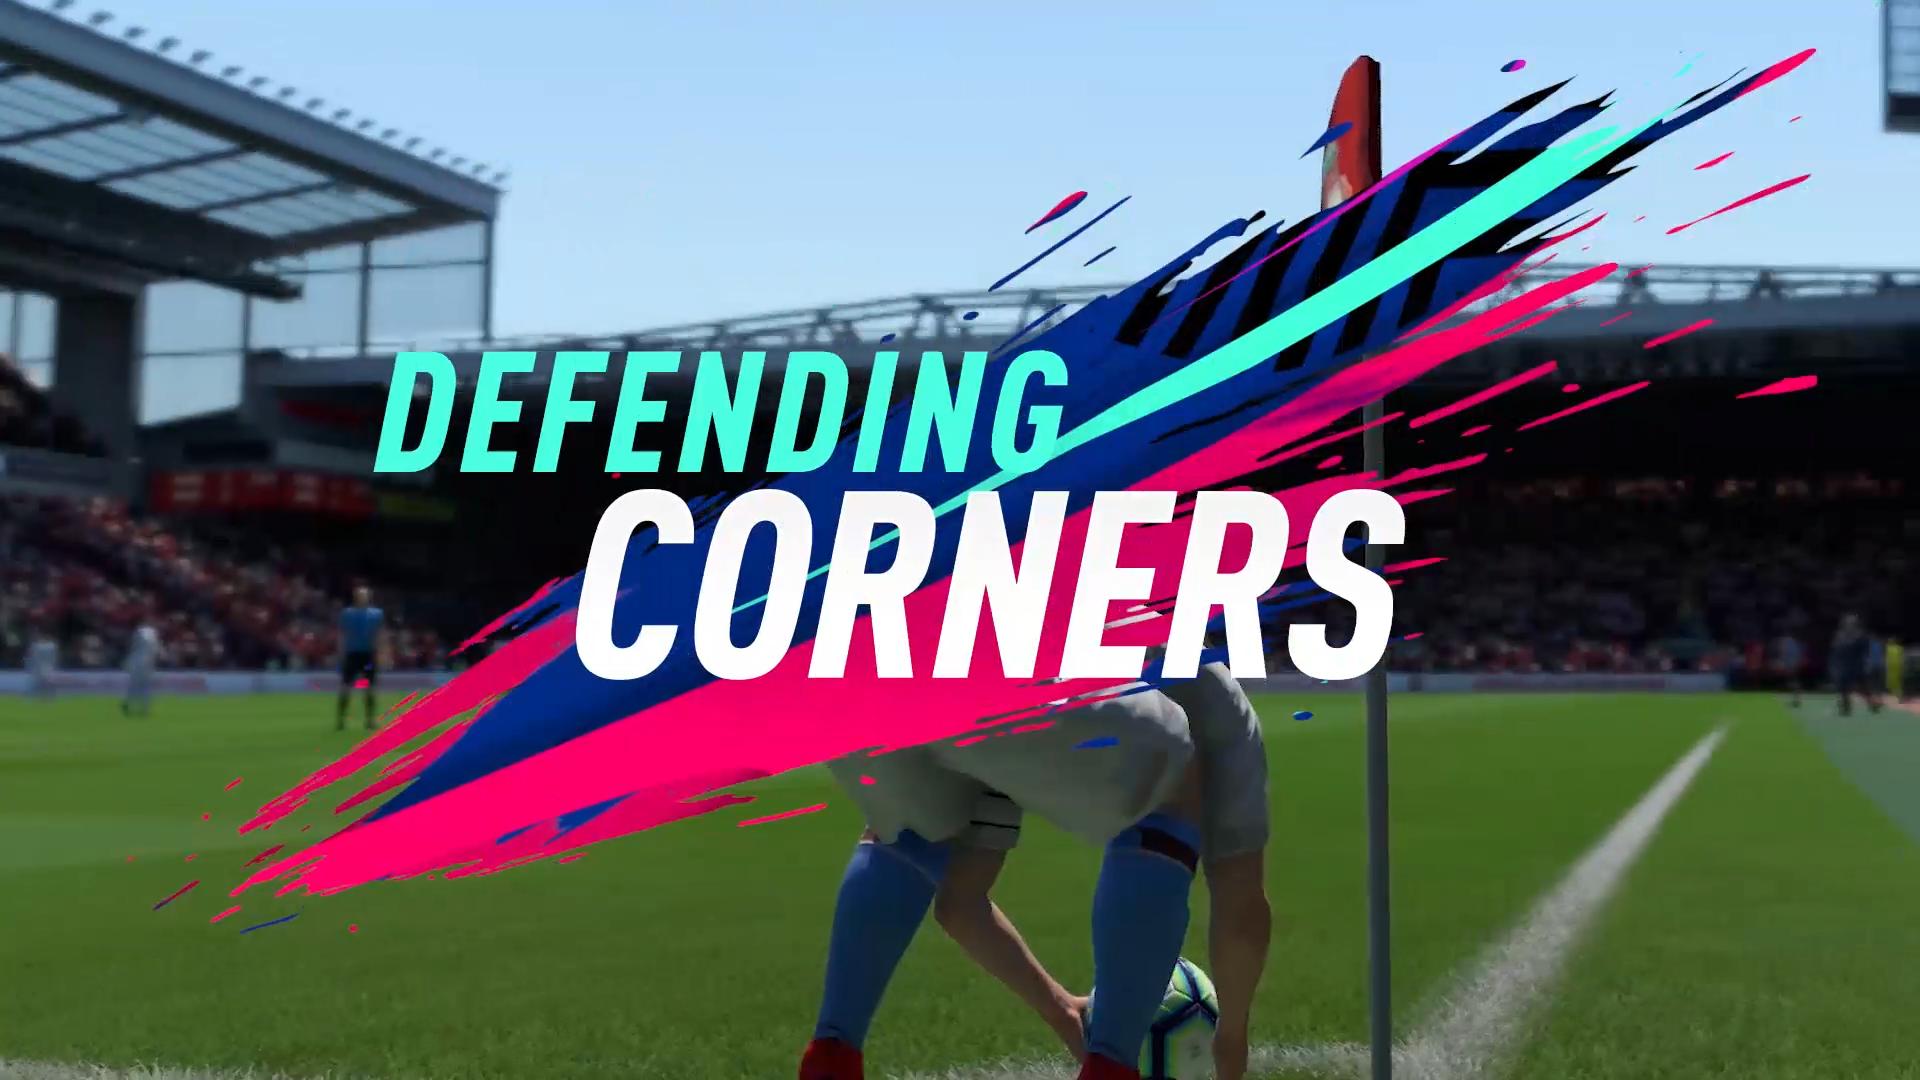 FIFA 19 DEFEENDING CORNERS